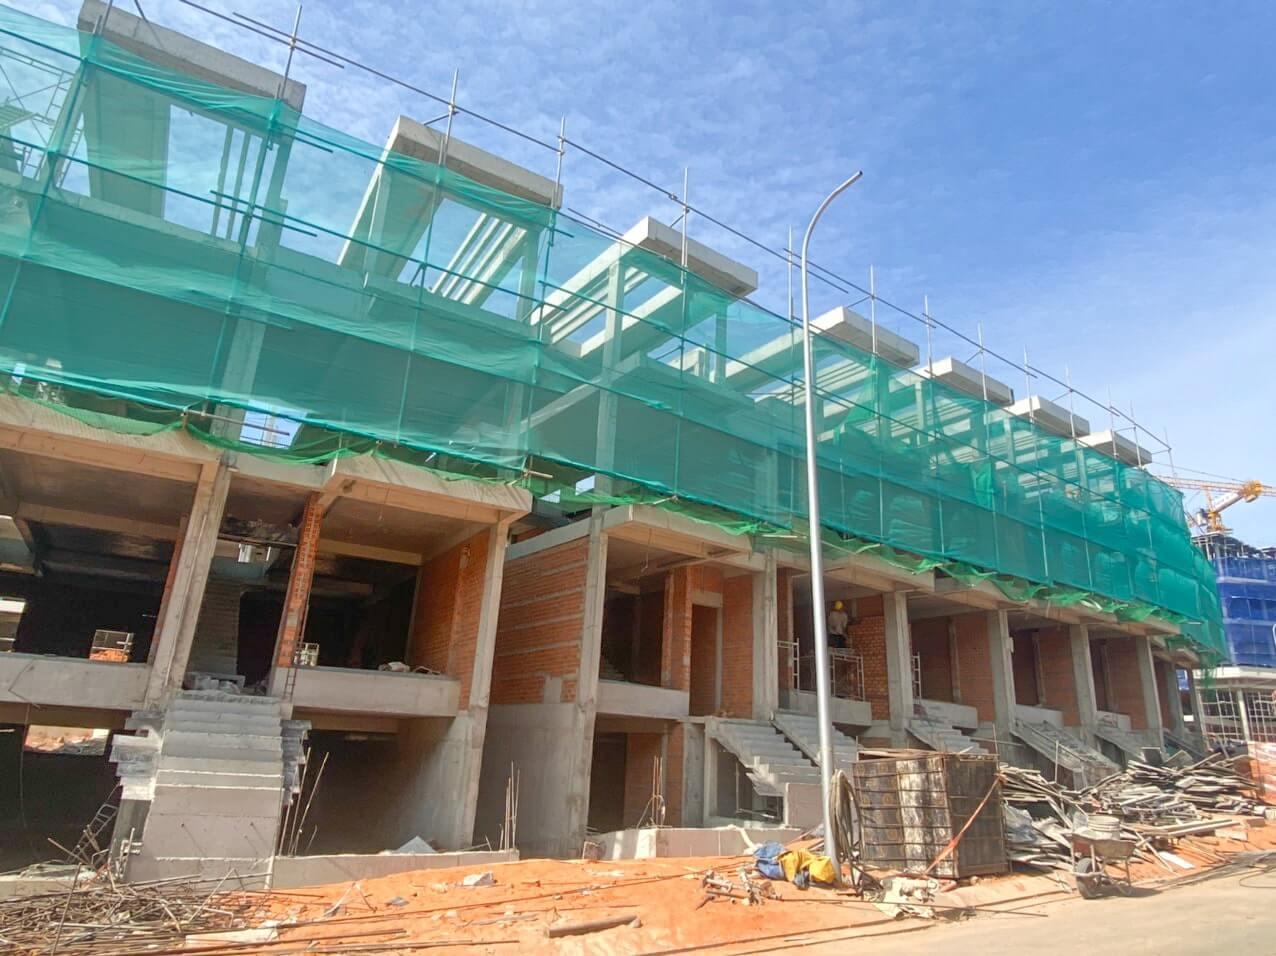 Cập nhật tiến độ dự án Mũi Né Summerland tháng 02/2021